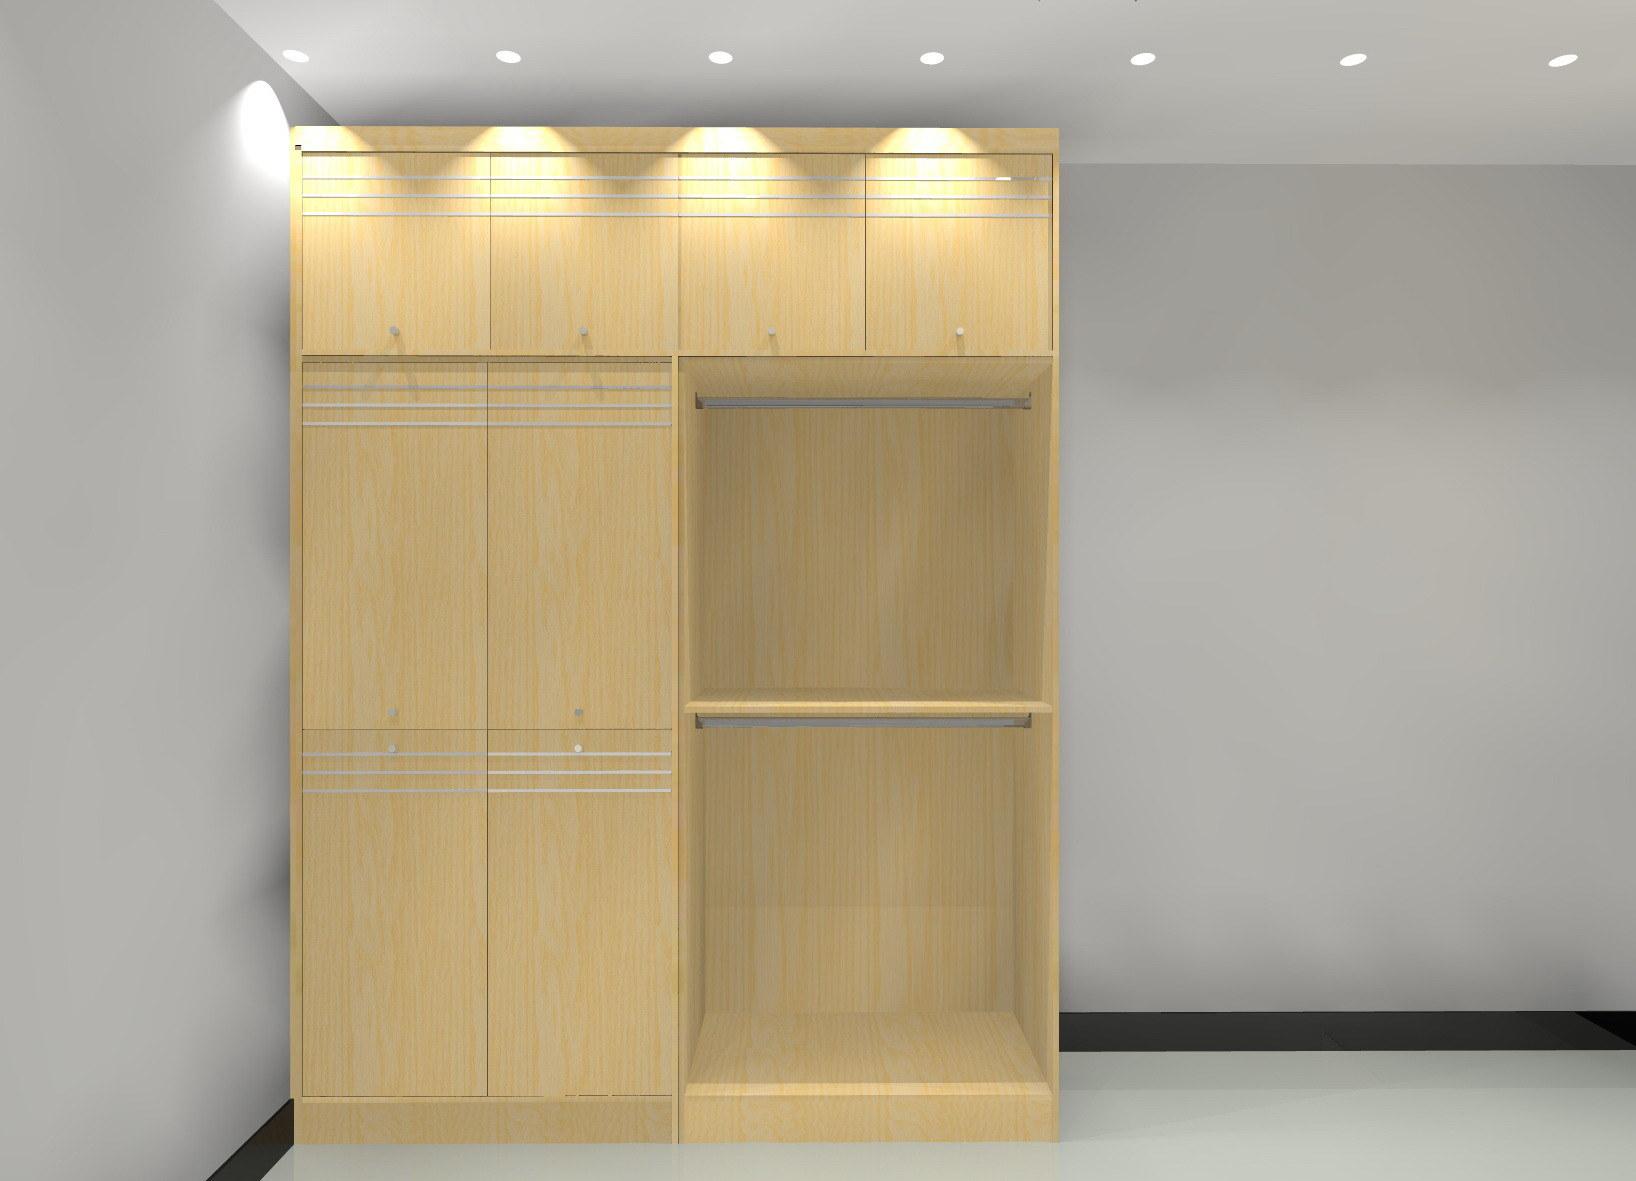 Meubles la maison de garde robe hb d41 meubles la for Liste de meuble pour la maison